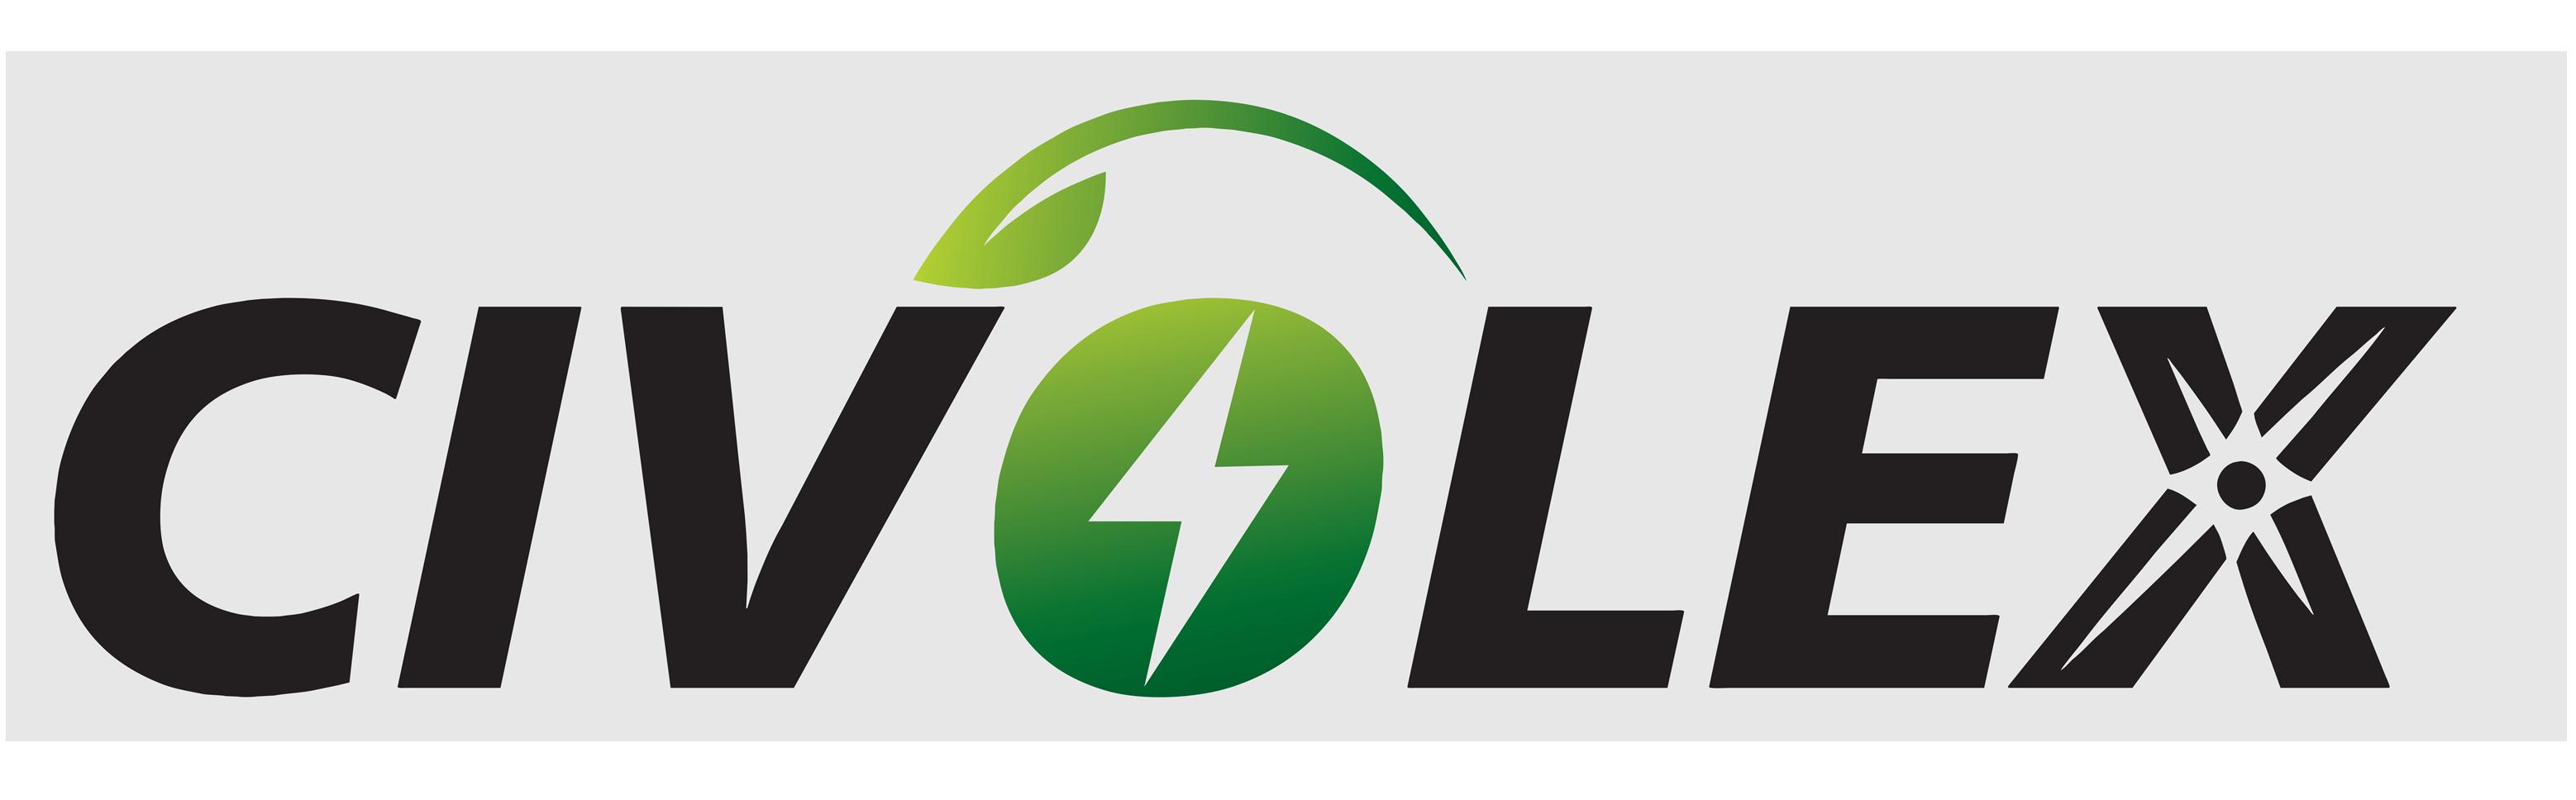 خرید باتری صنعتی سیولکس (Civolex)